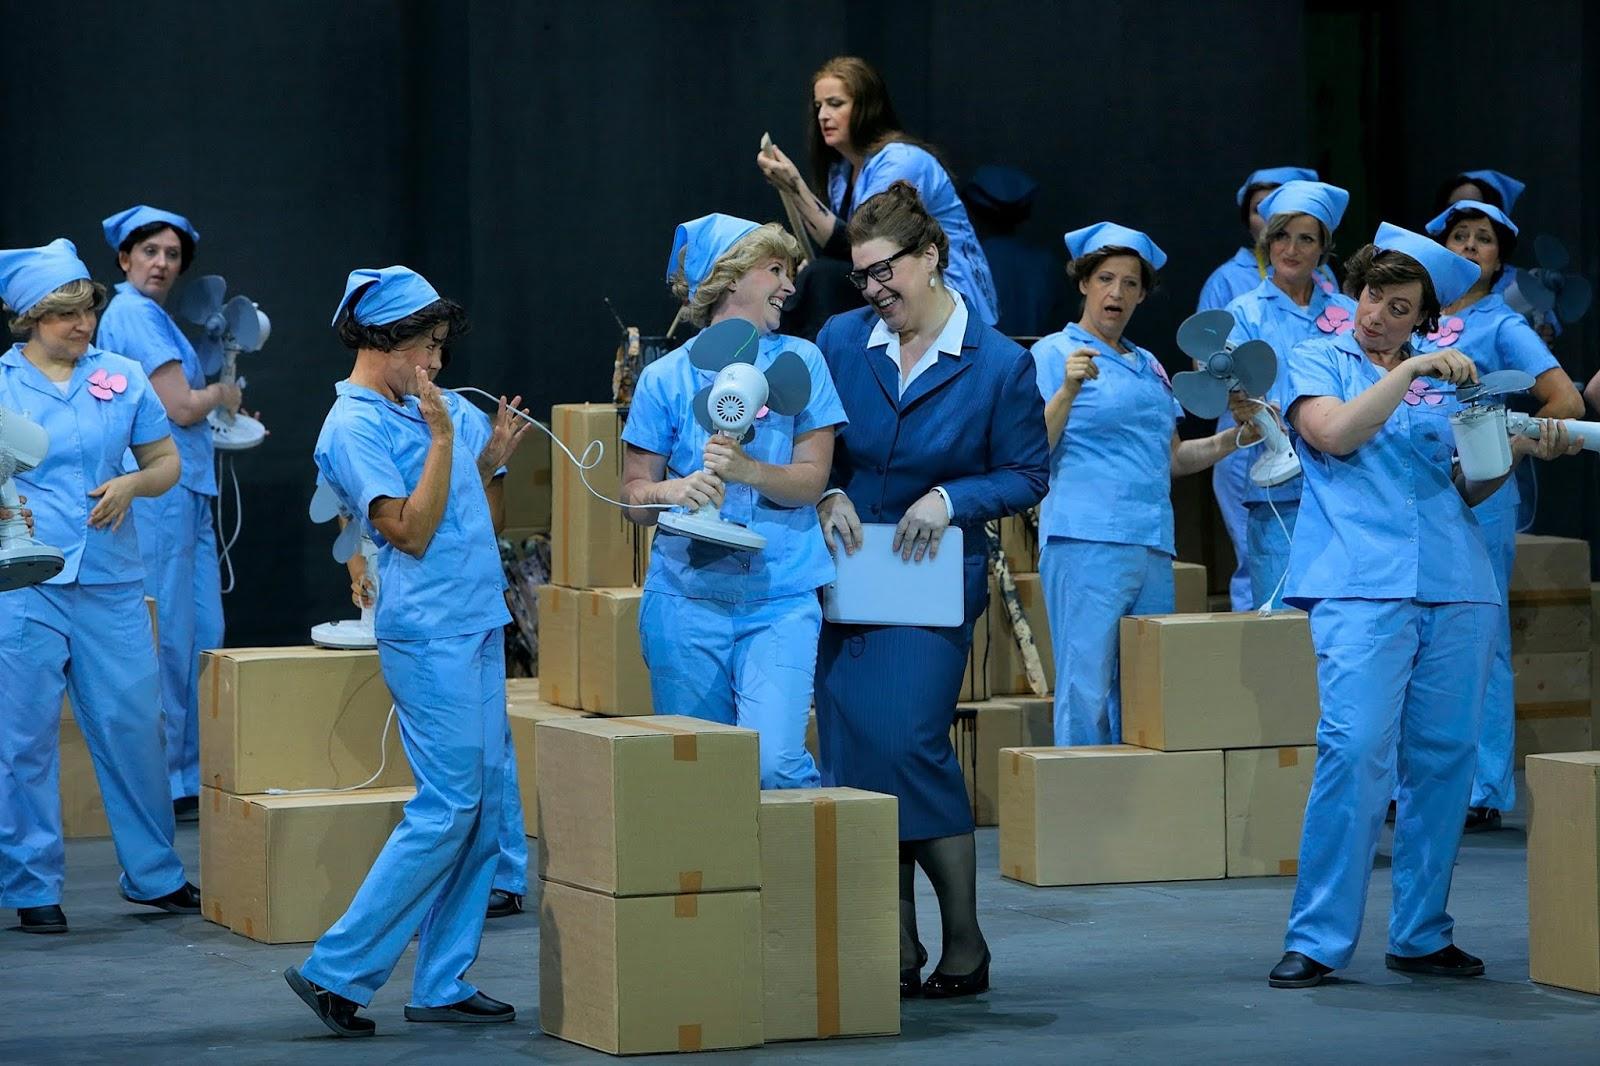 Reprise à Bayreuth du Hollandais volant dans la mise en scène de Jan Philipp Gloger